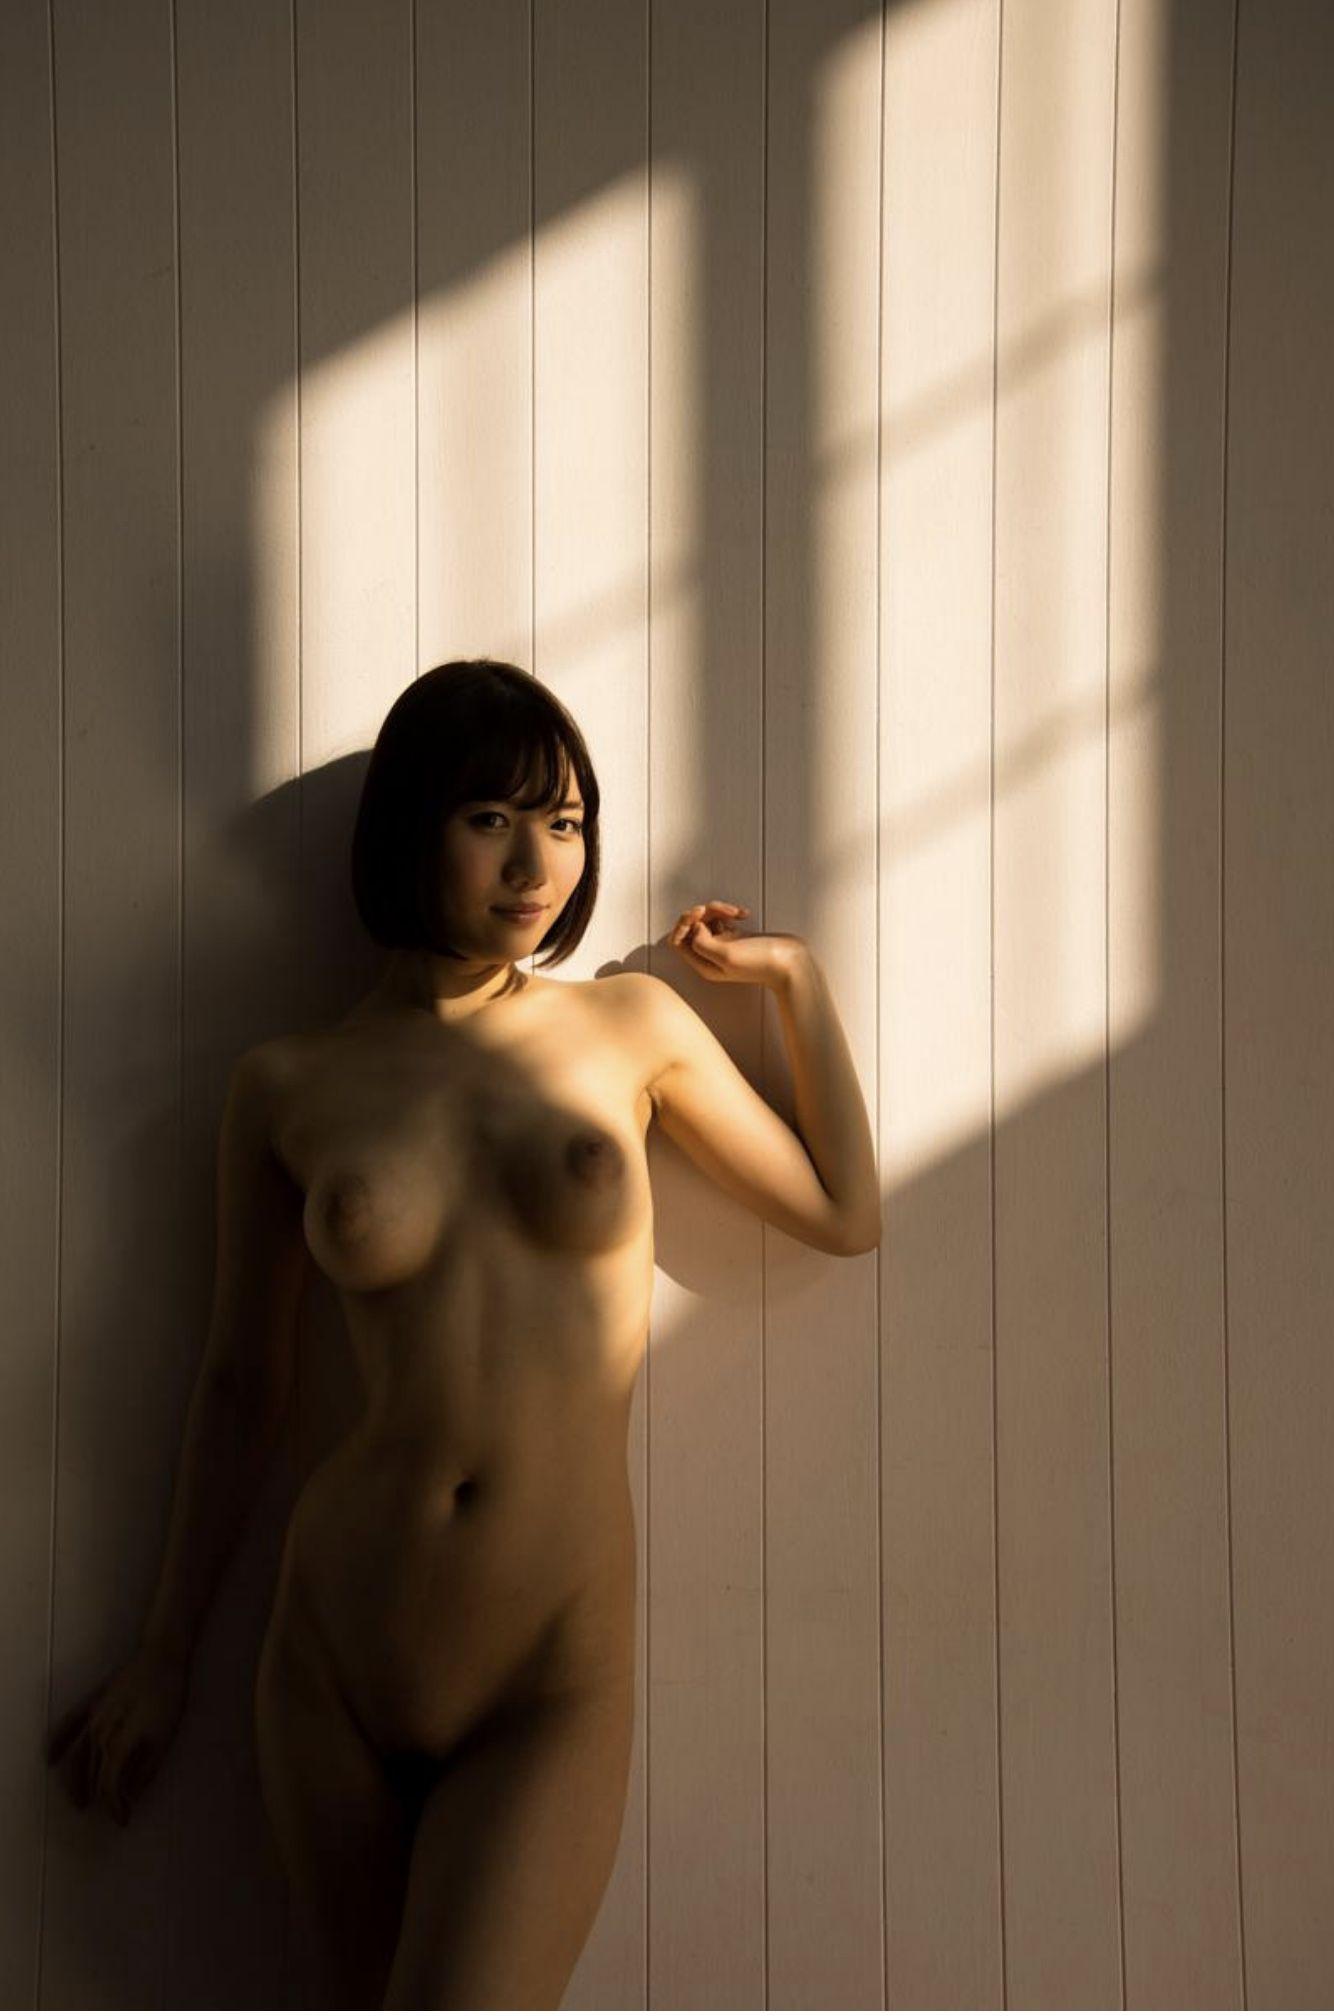 菊川みつ葉 写真集 Hetairai 139